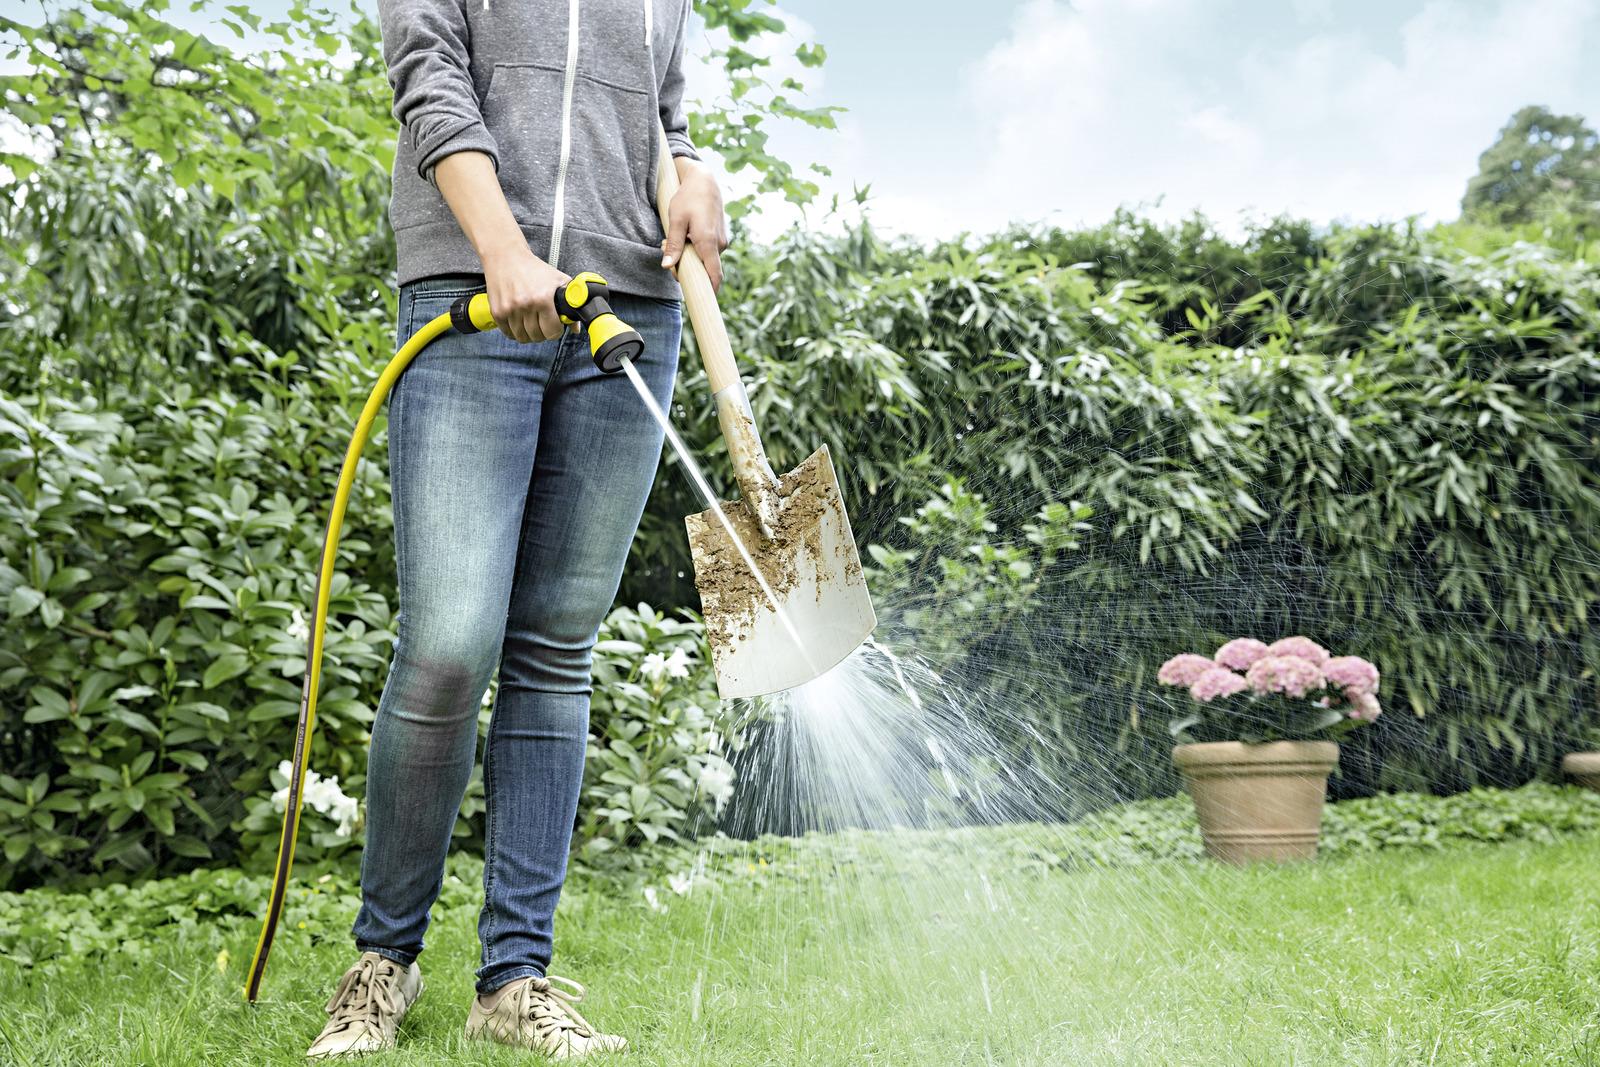 اسپری آبپاش باغبانی